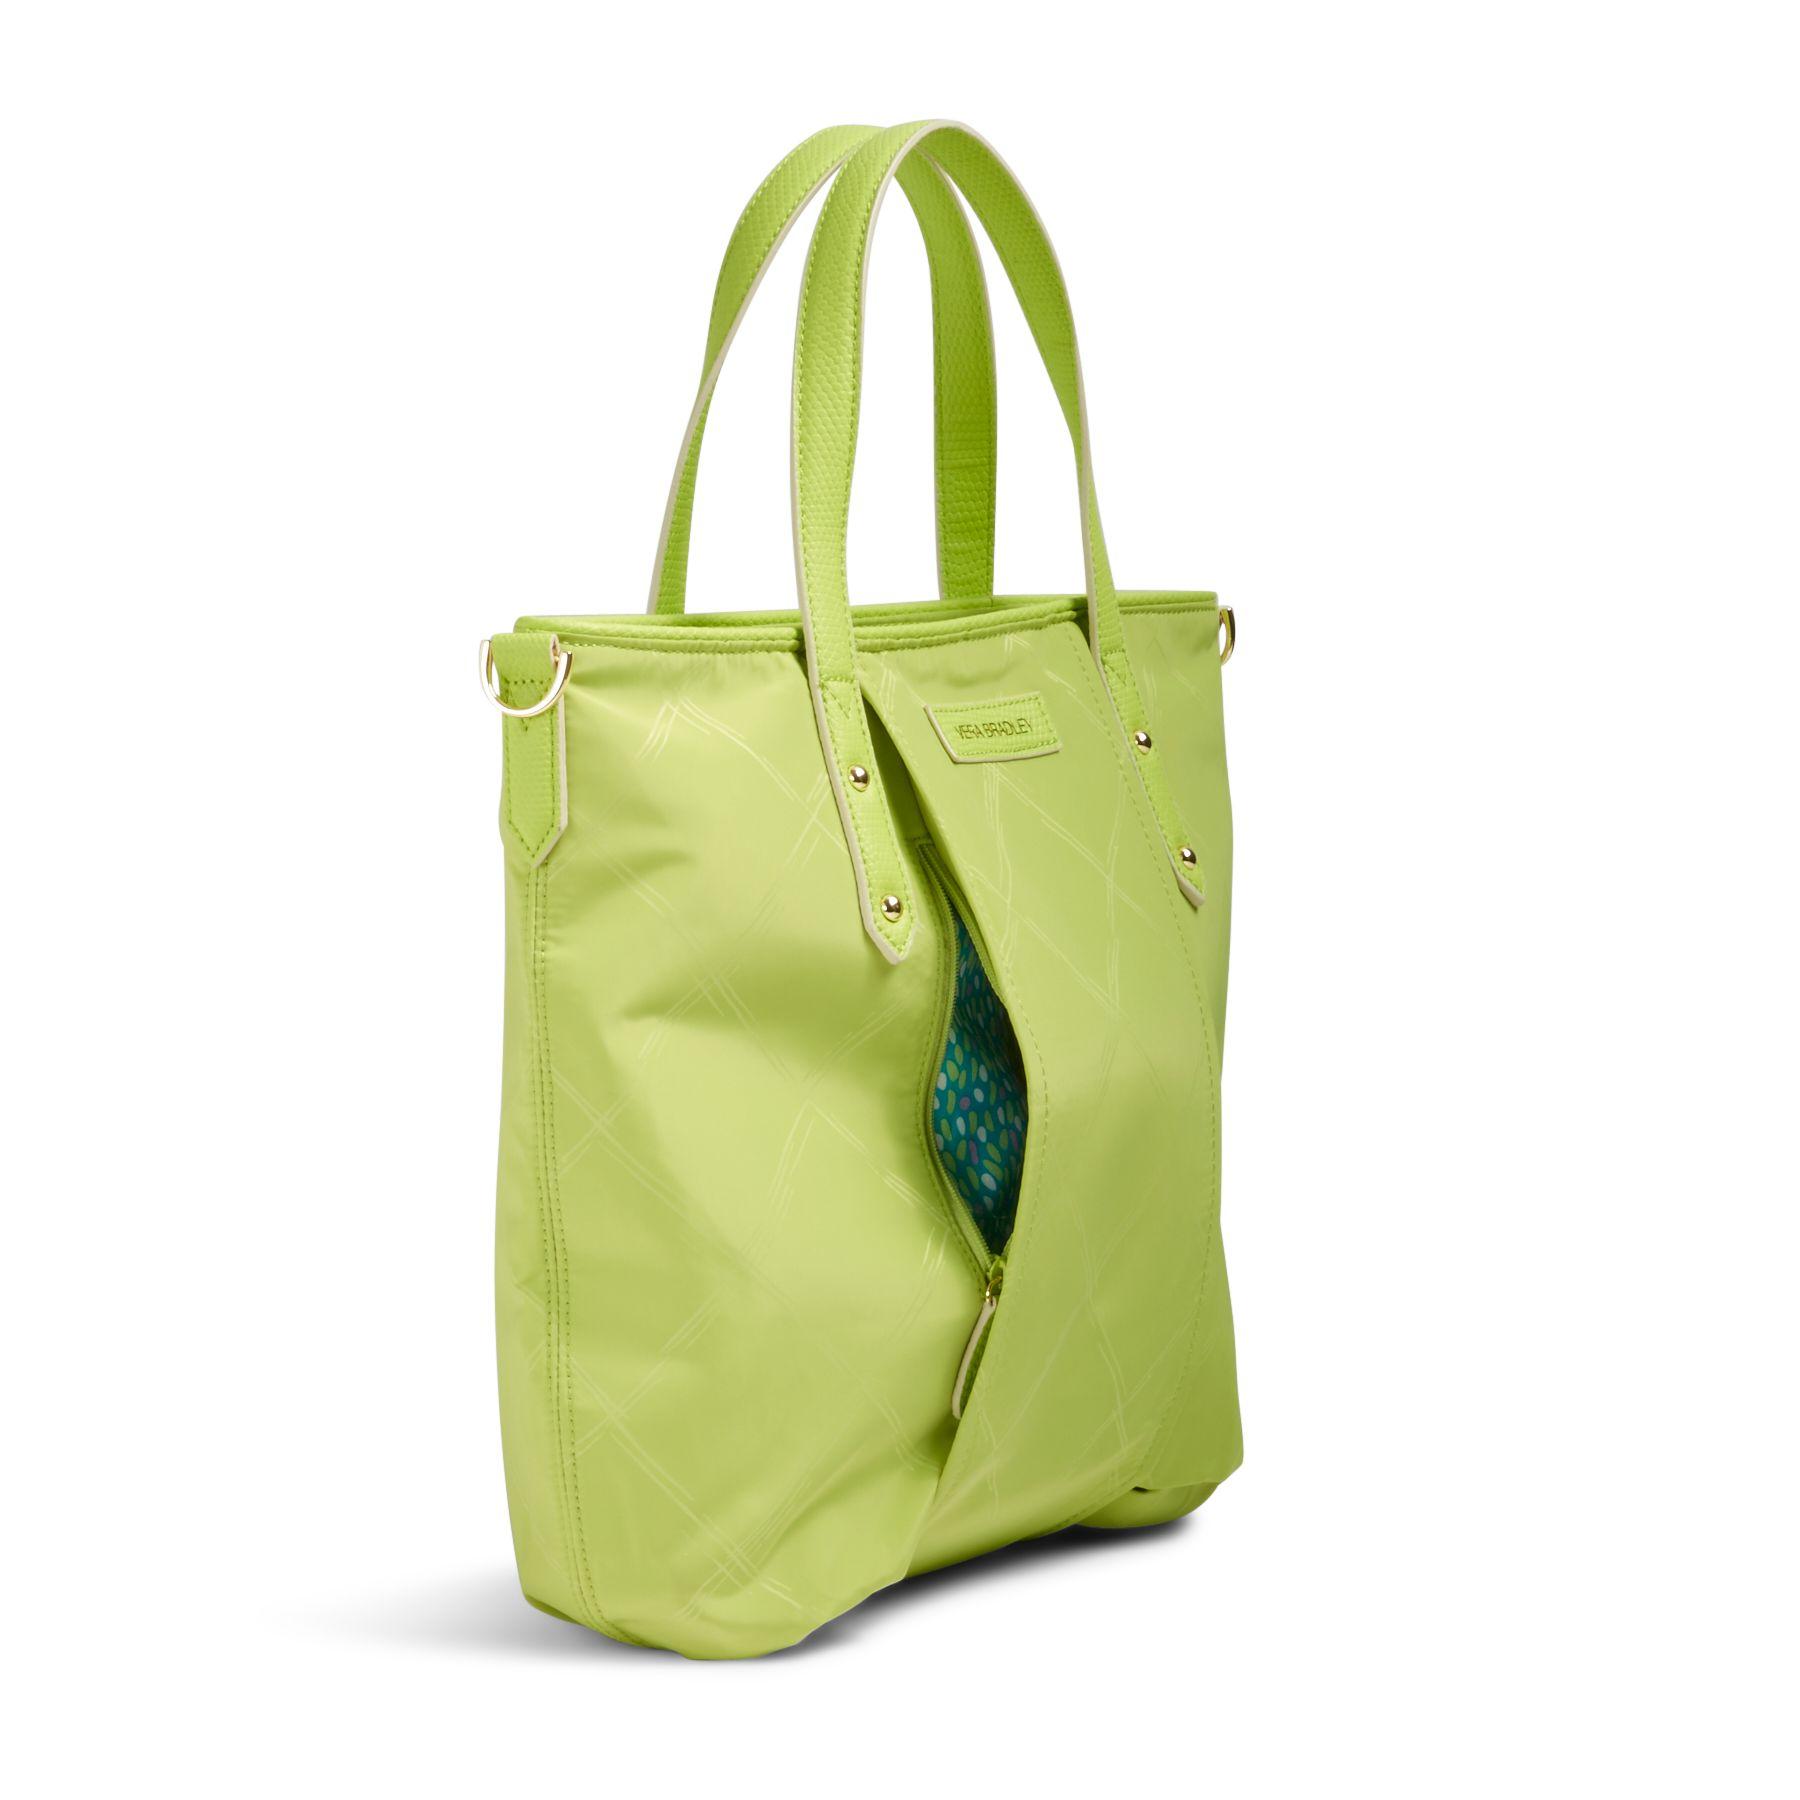 Vera-Bradley-Preppy-Poly-Satchel-Bag